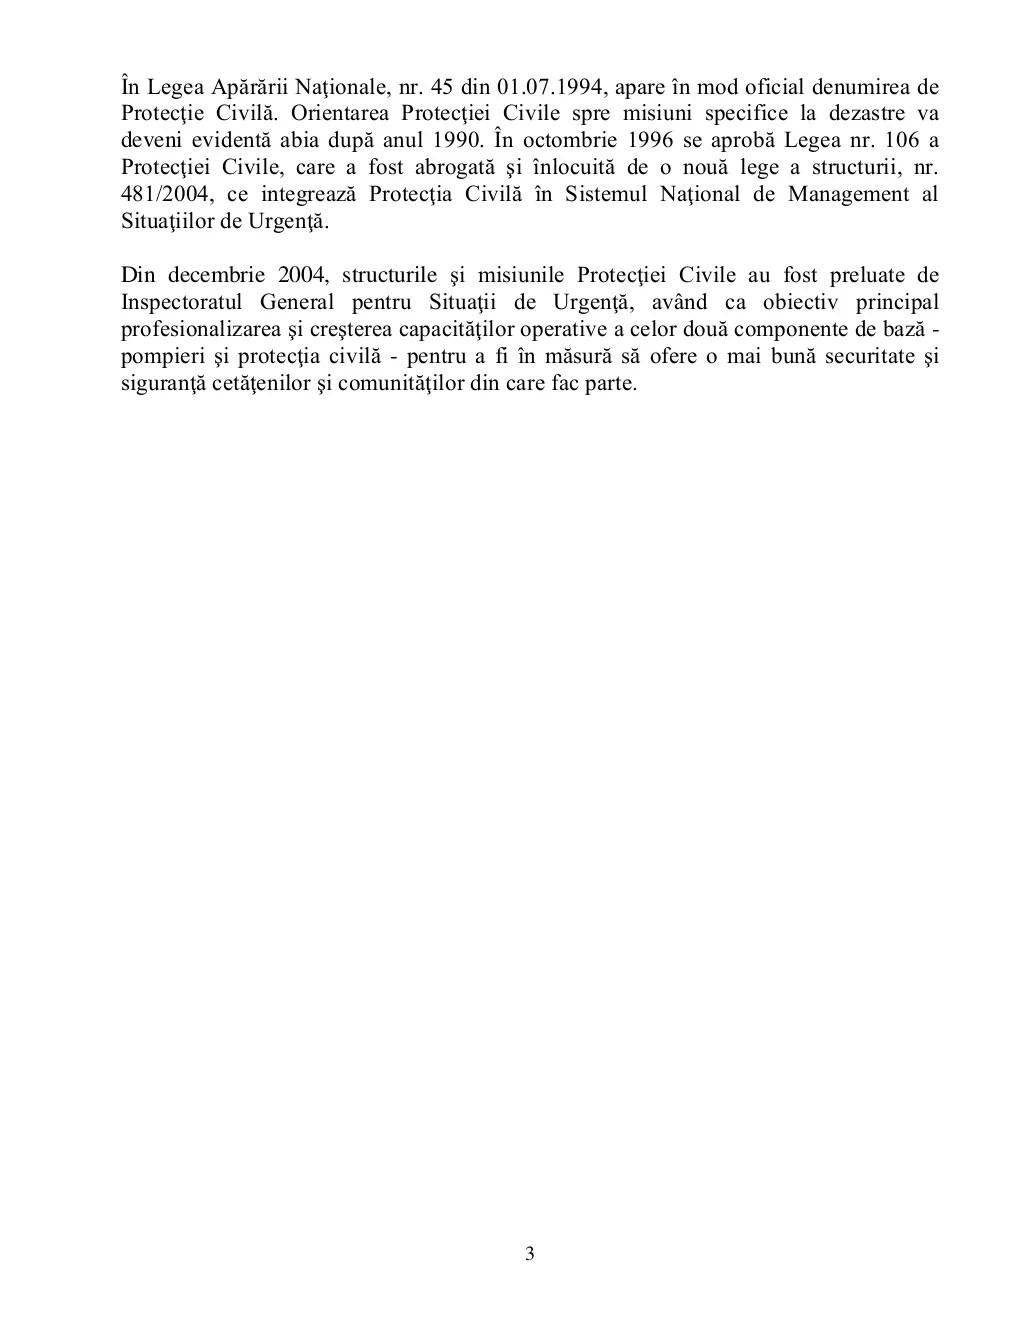 3 În Legea Apărării Naţionale, nr. 45 din 01.07.1994, apare în mod oficial denumirea de Protecţie Civilă. Orientarea Prote...